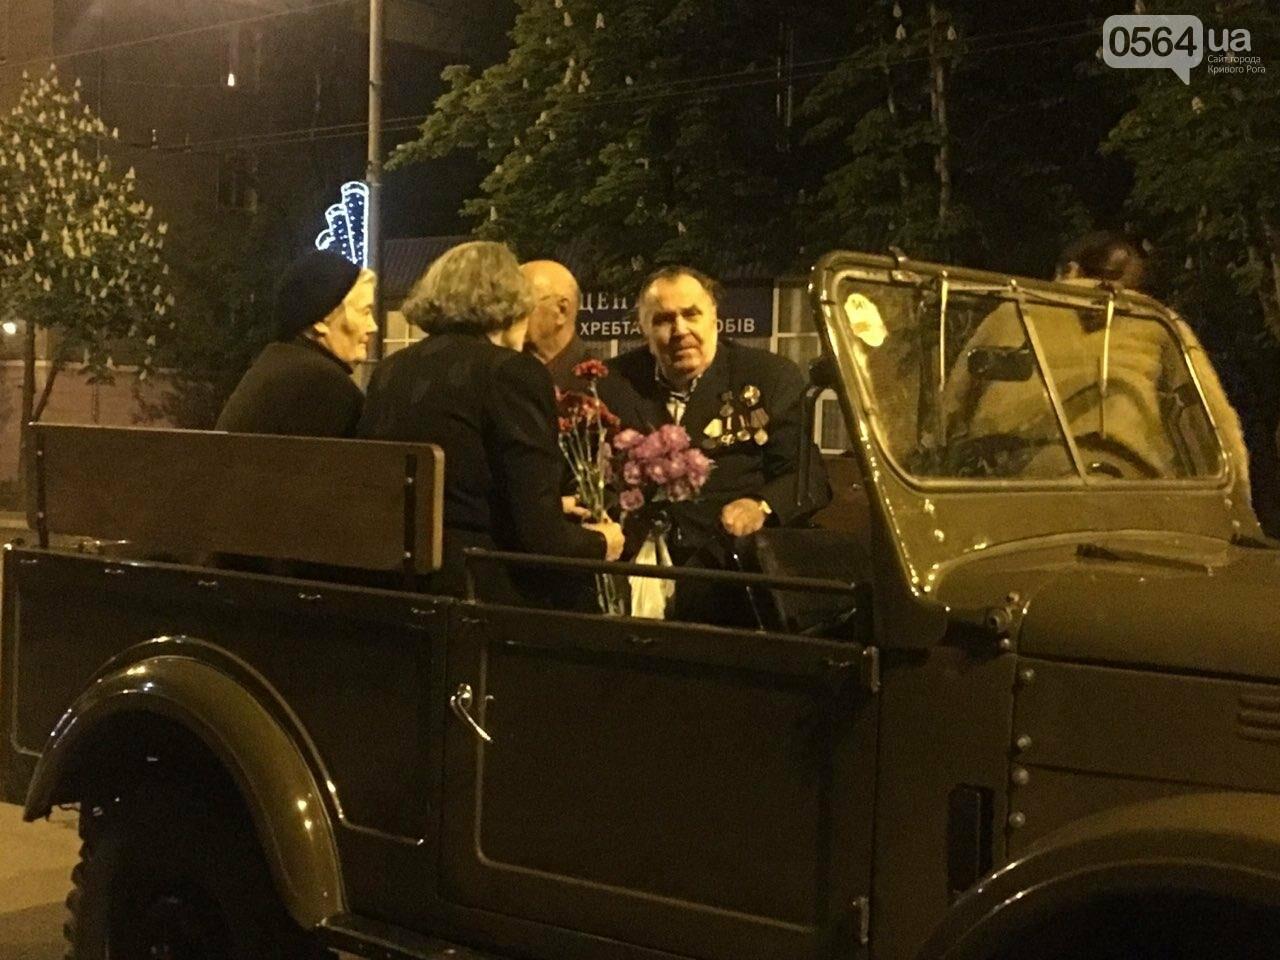 В Кривом Роге затемно начали отмечать День победы над нацизмом во Второй мировой войне, - ФОТО, ВИДЕО, фото-32